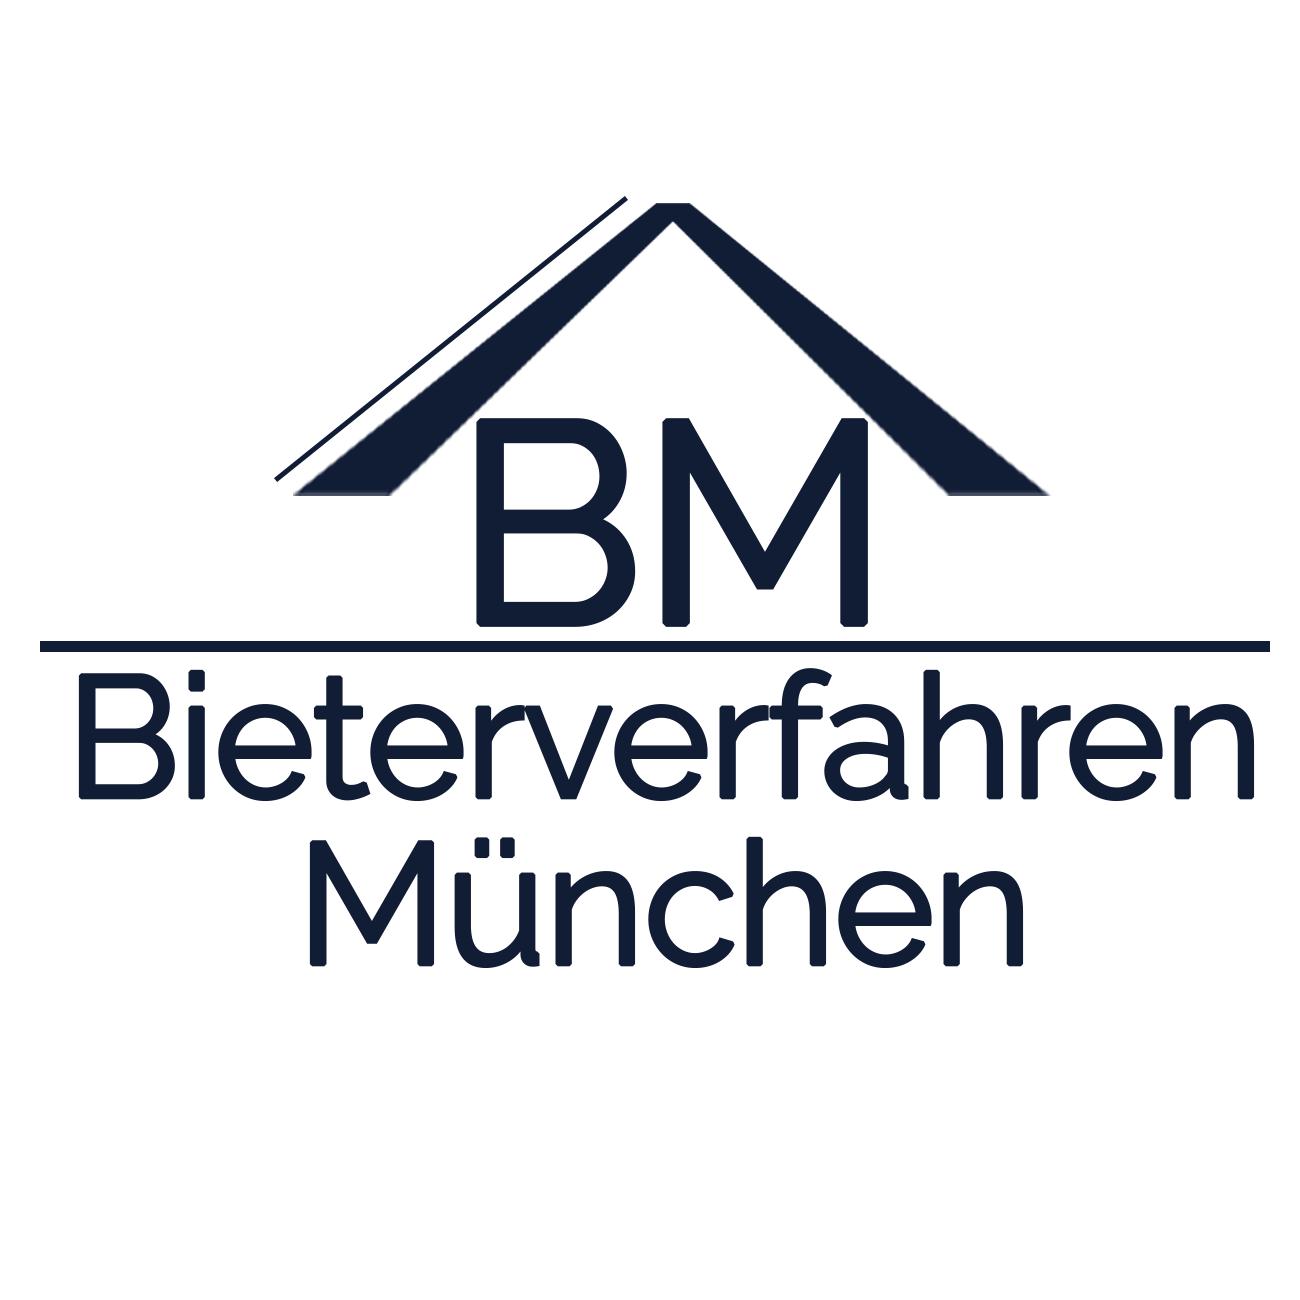 Bild zu Wolfgang Wilfert Consulting / Bieterverfahren-München in Frohnloh Gemeinde Krailling